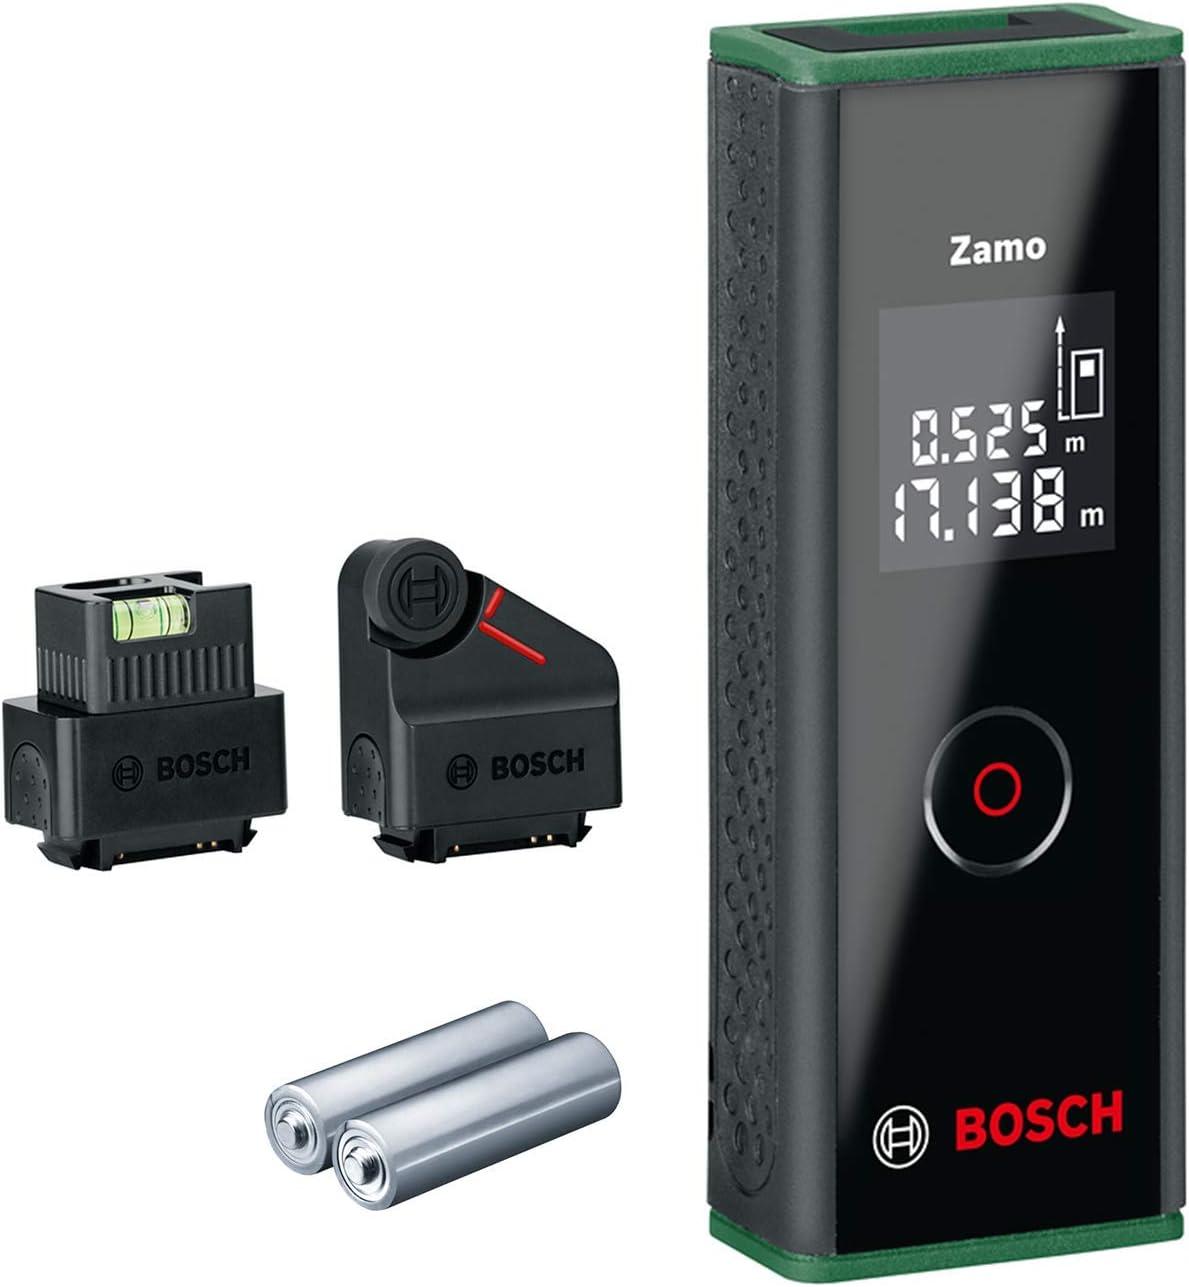 Bosch Home and Garden 0603672707 Bosch Medidor láser de distancias Zamo Set (3.a generación, alcance: 0,15 – 20,00m, en caja), 1.5 V